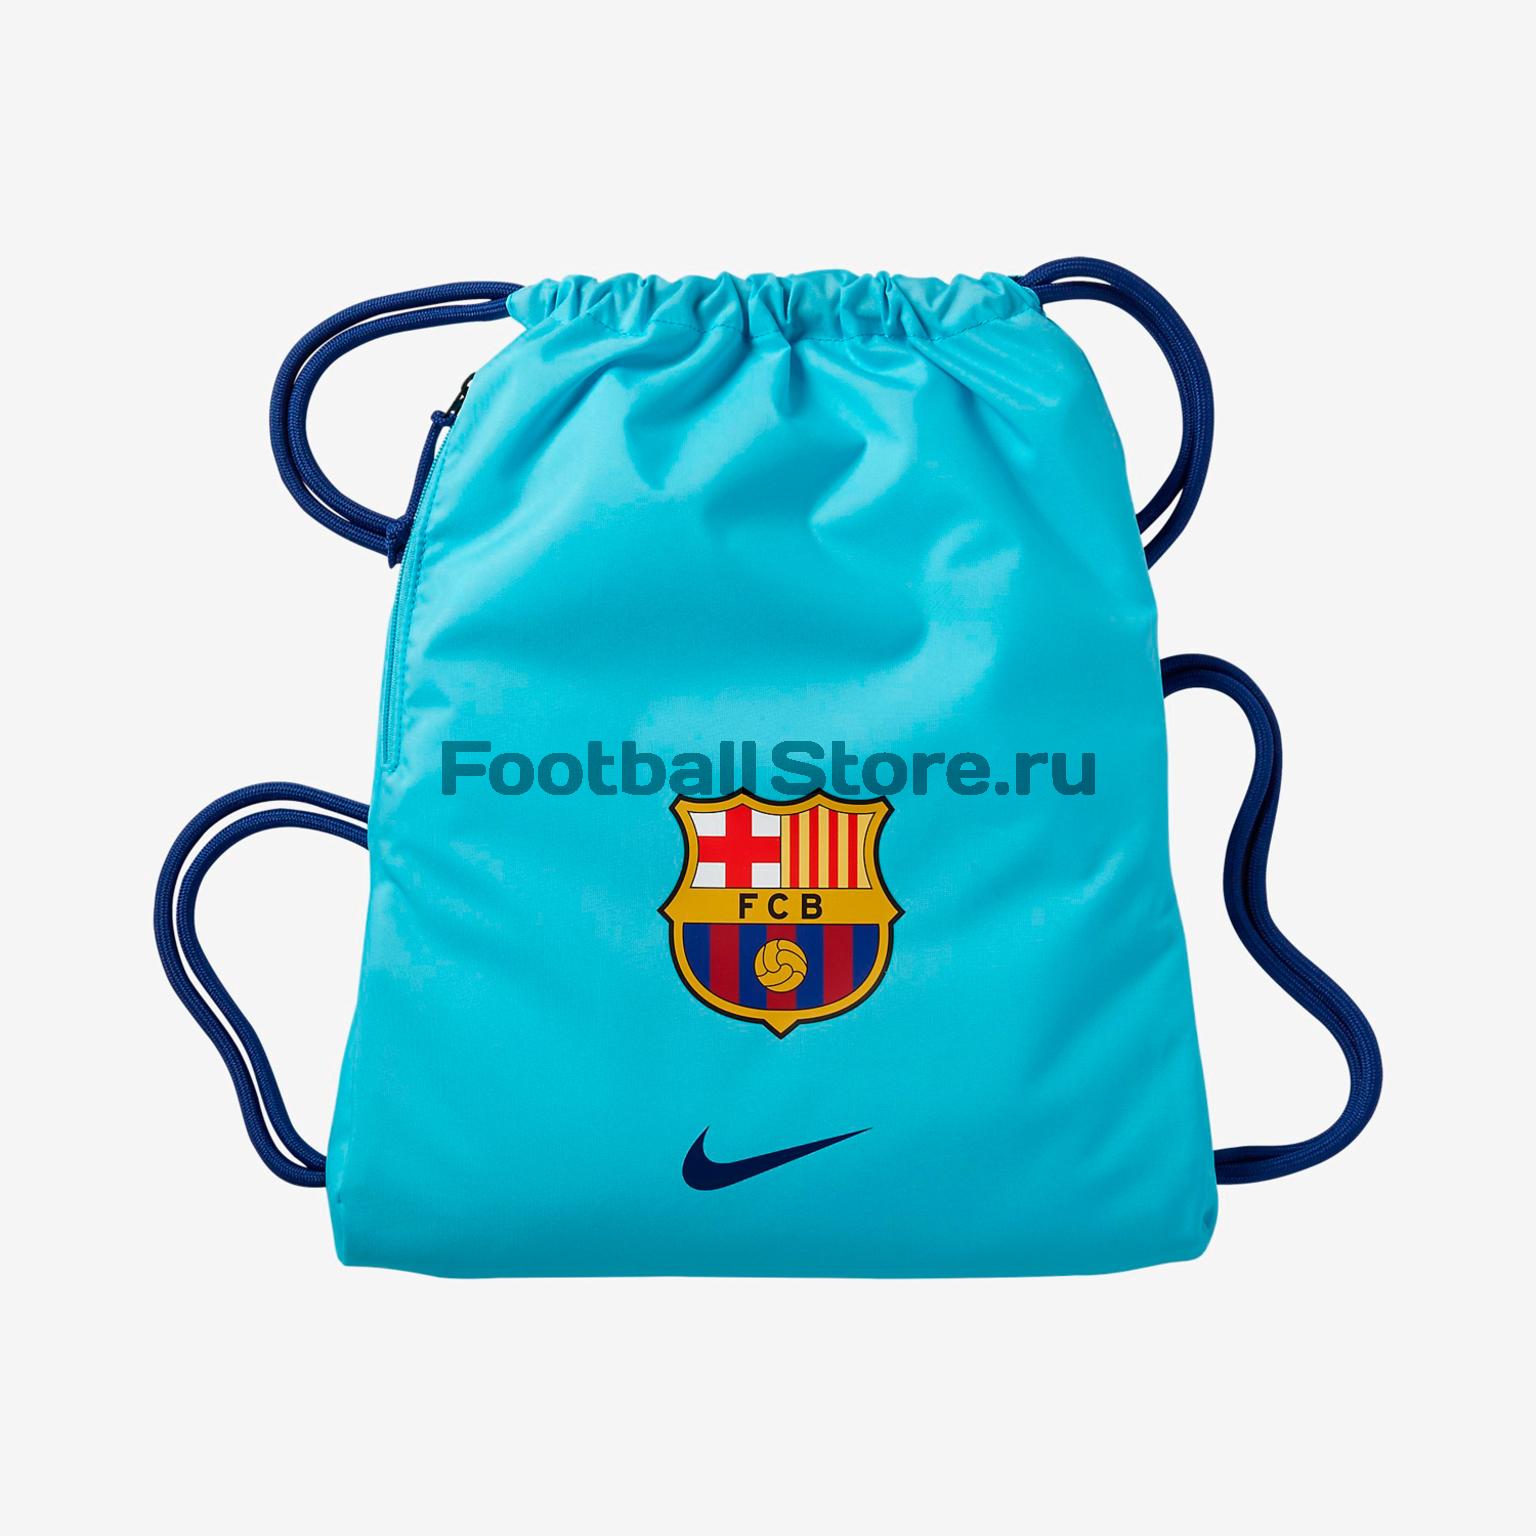 5dc3607a Сумка для обуви Nike Barcelona BA5413-483 – купить в интернет магазине  footballstore, цена, фото